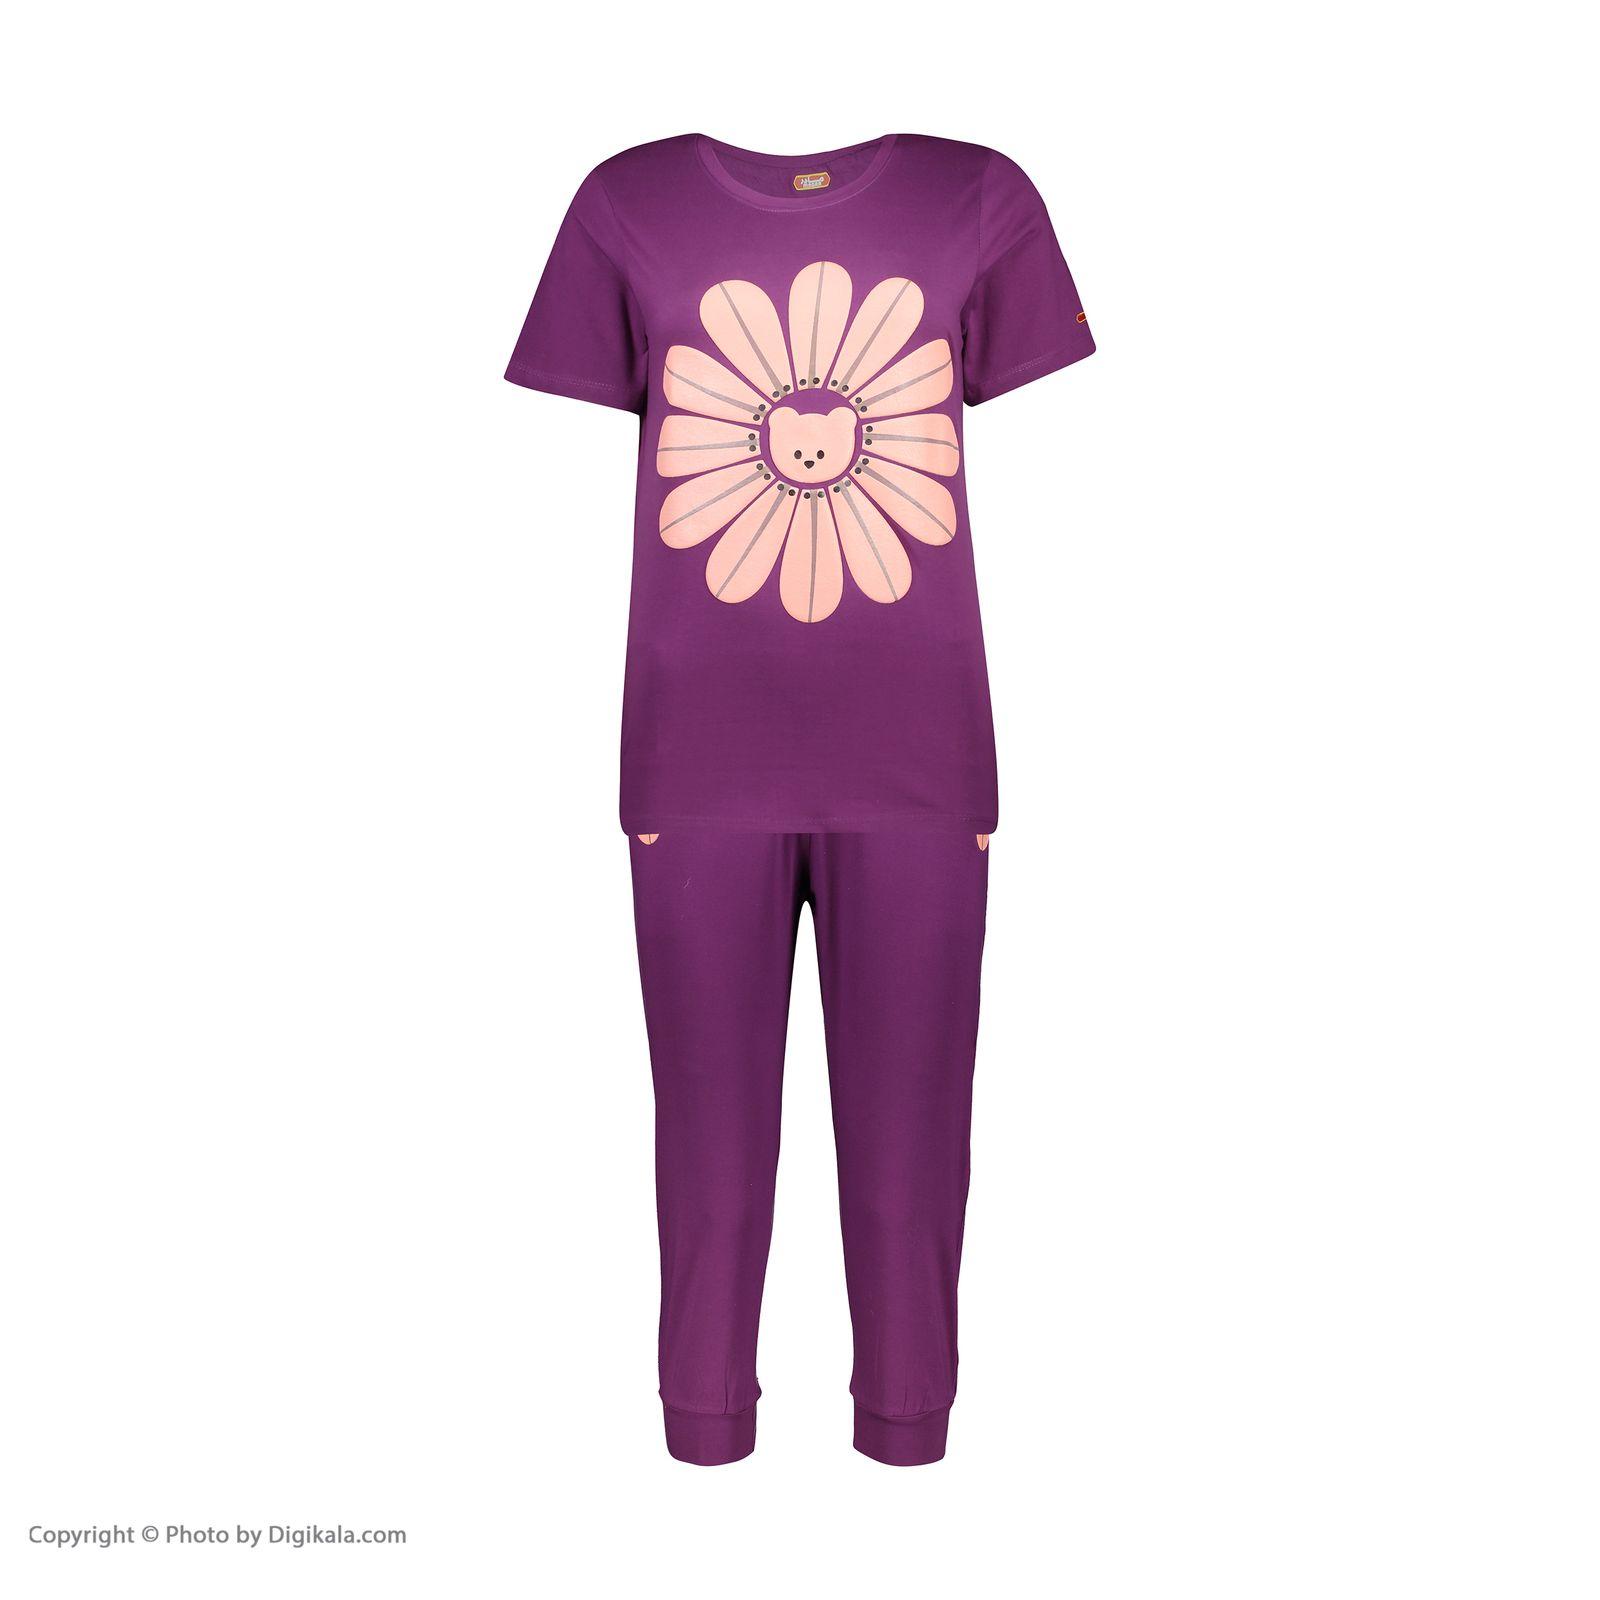 ست تی شرت و شلوارک راحتی زنانه مادر مدل 2041101-67 -  - 3